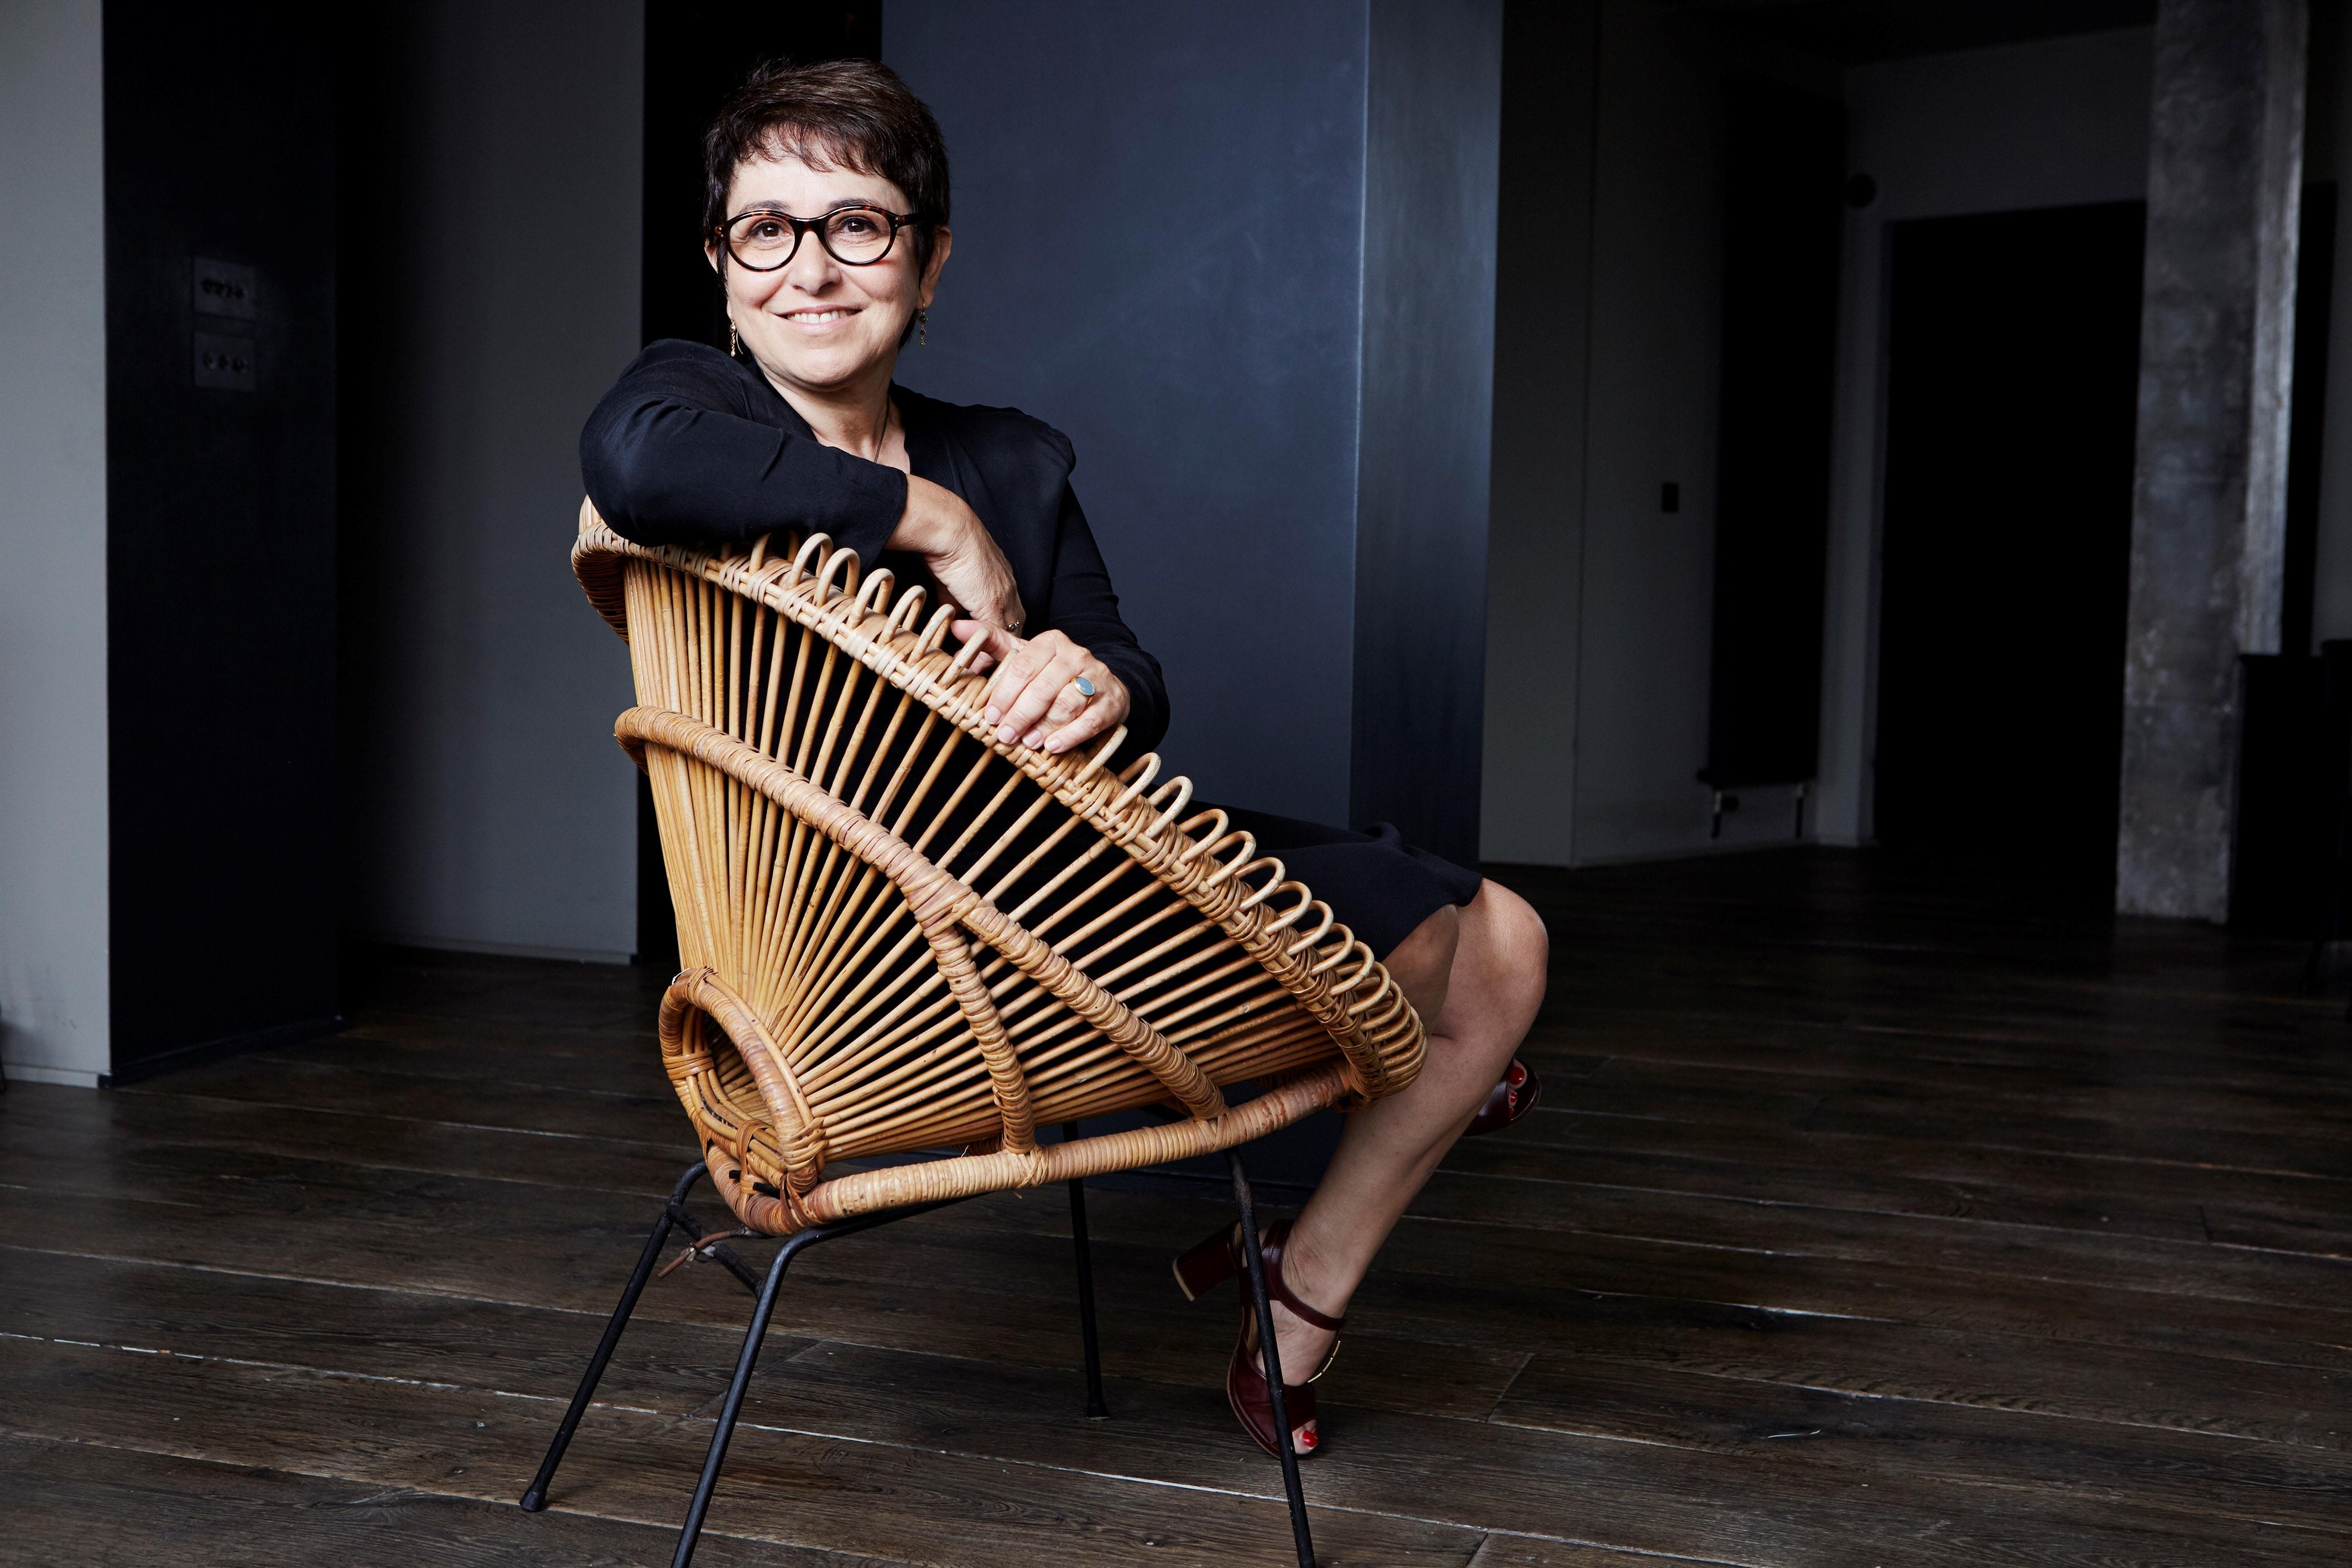 """Autour de son livre """"Je suis le carnet de Dora Maar"""", Brigitte Benkemoun, journaliste et écrivaine nous invite à découvrir l'univers de cette grande artiste que fût Dora Maar"""